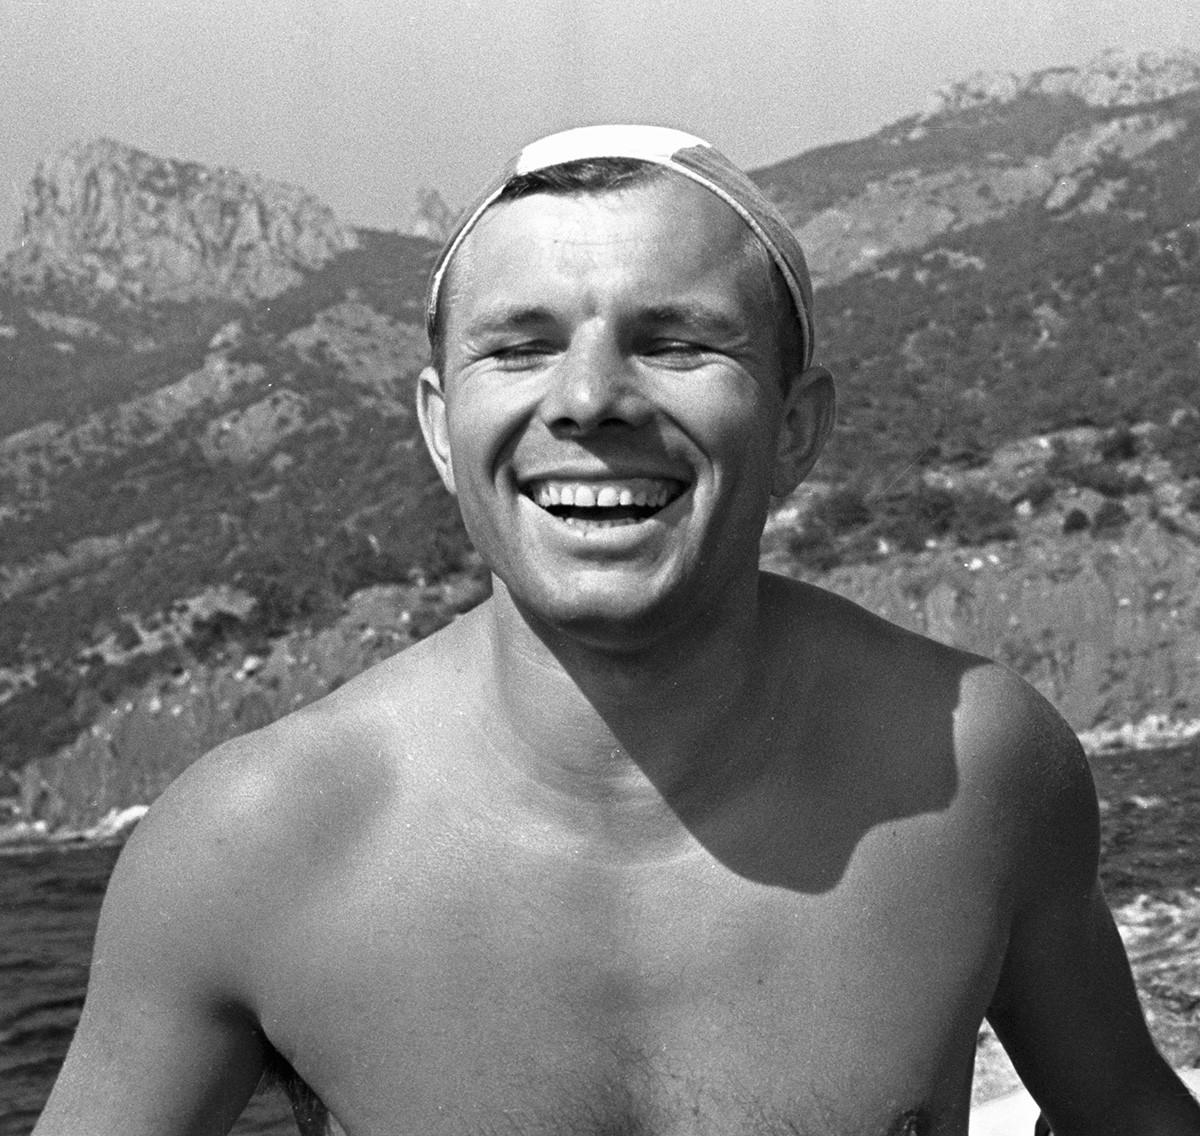 Gagarin in vacanza in Crimea, 1961